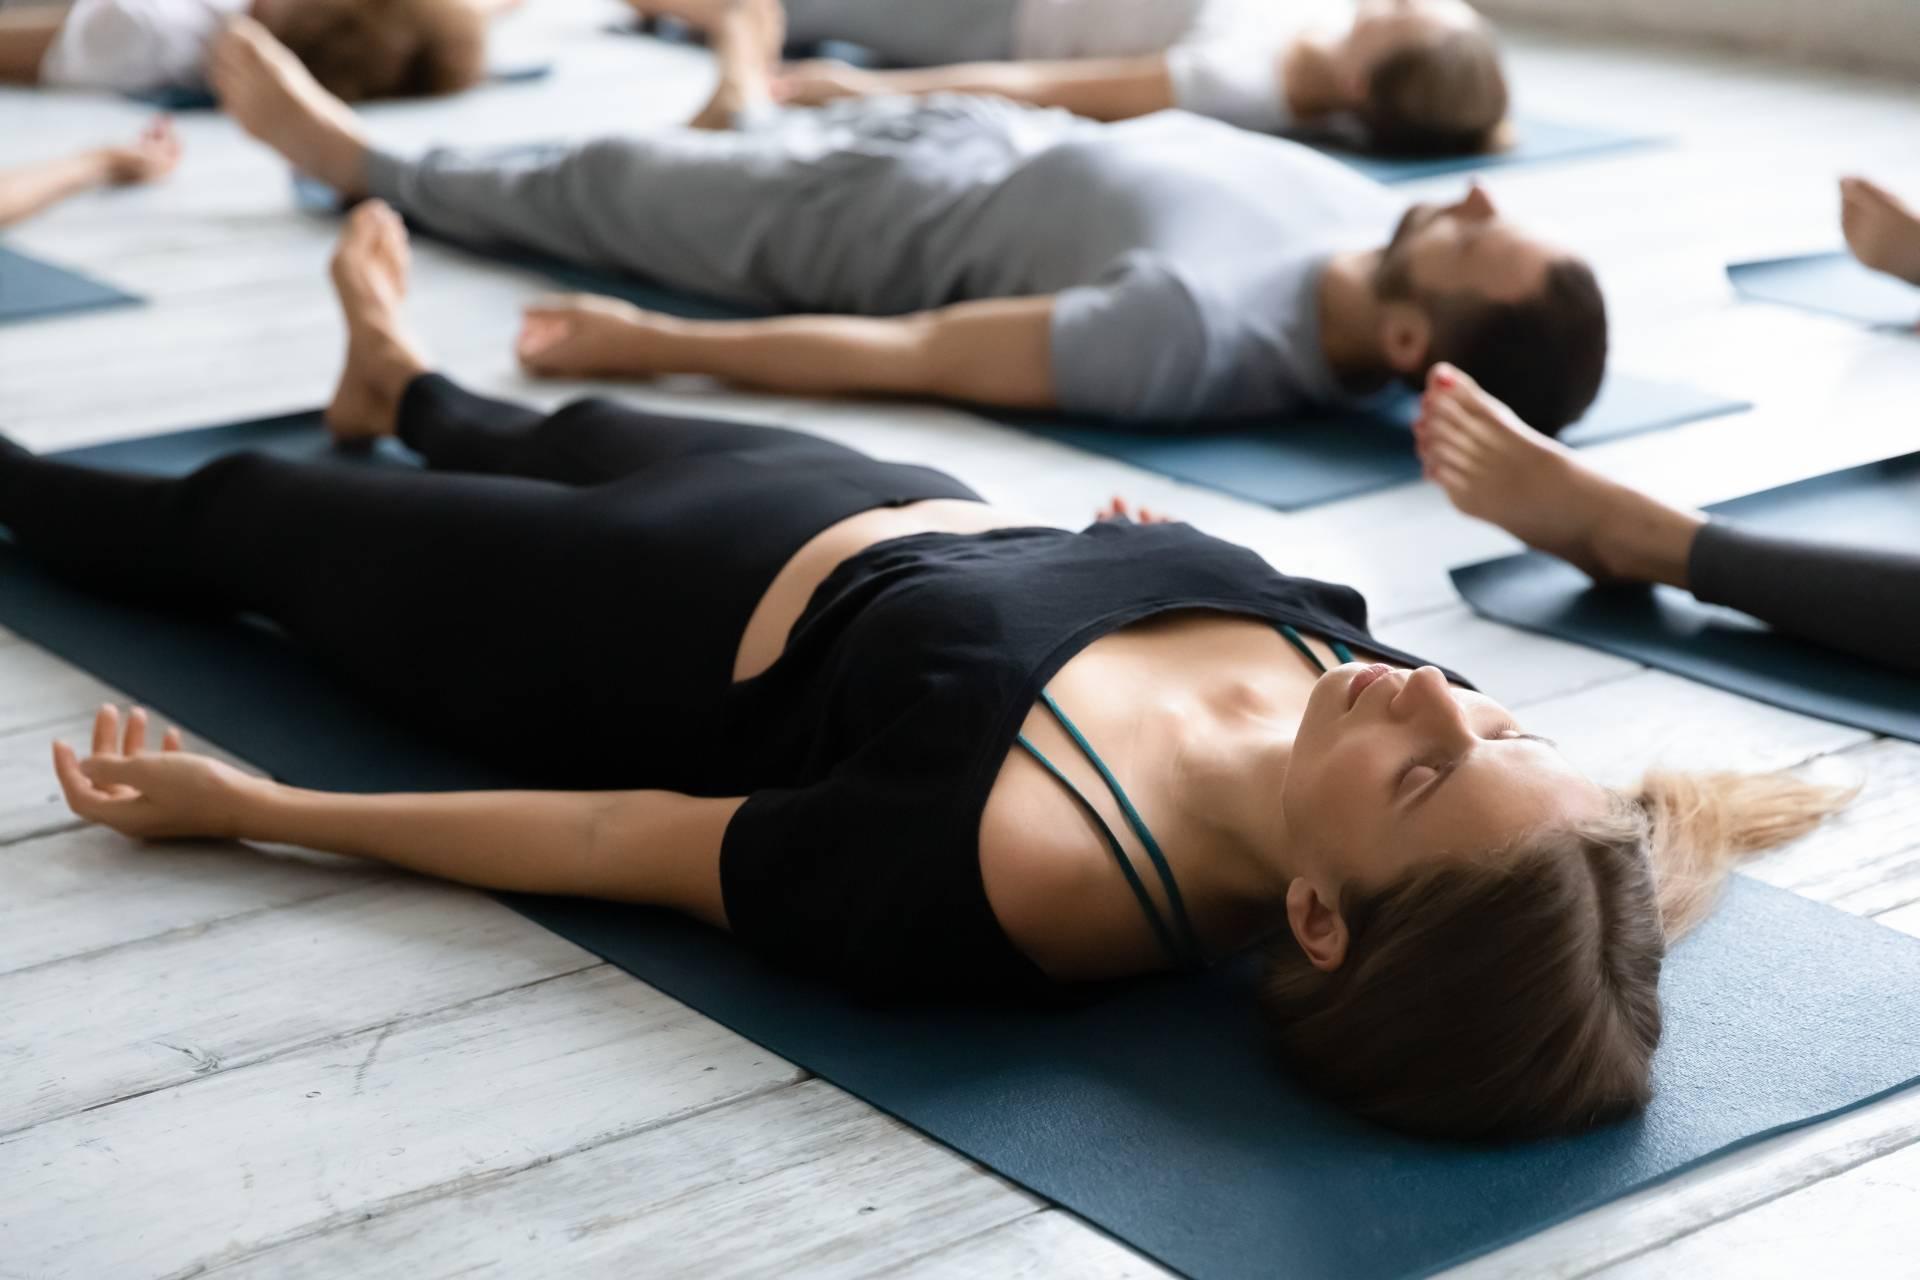 Prawidłowy oddech - jak oddychać prawidłowo? Zajęcia jogi.